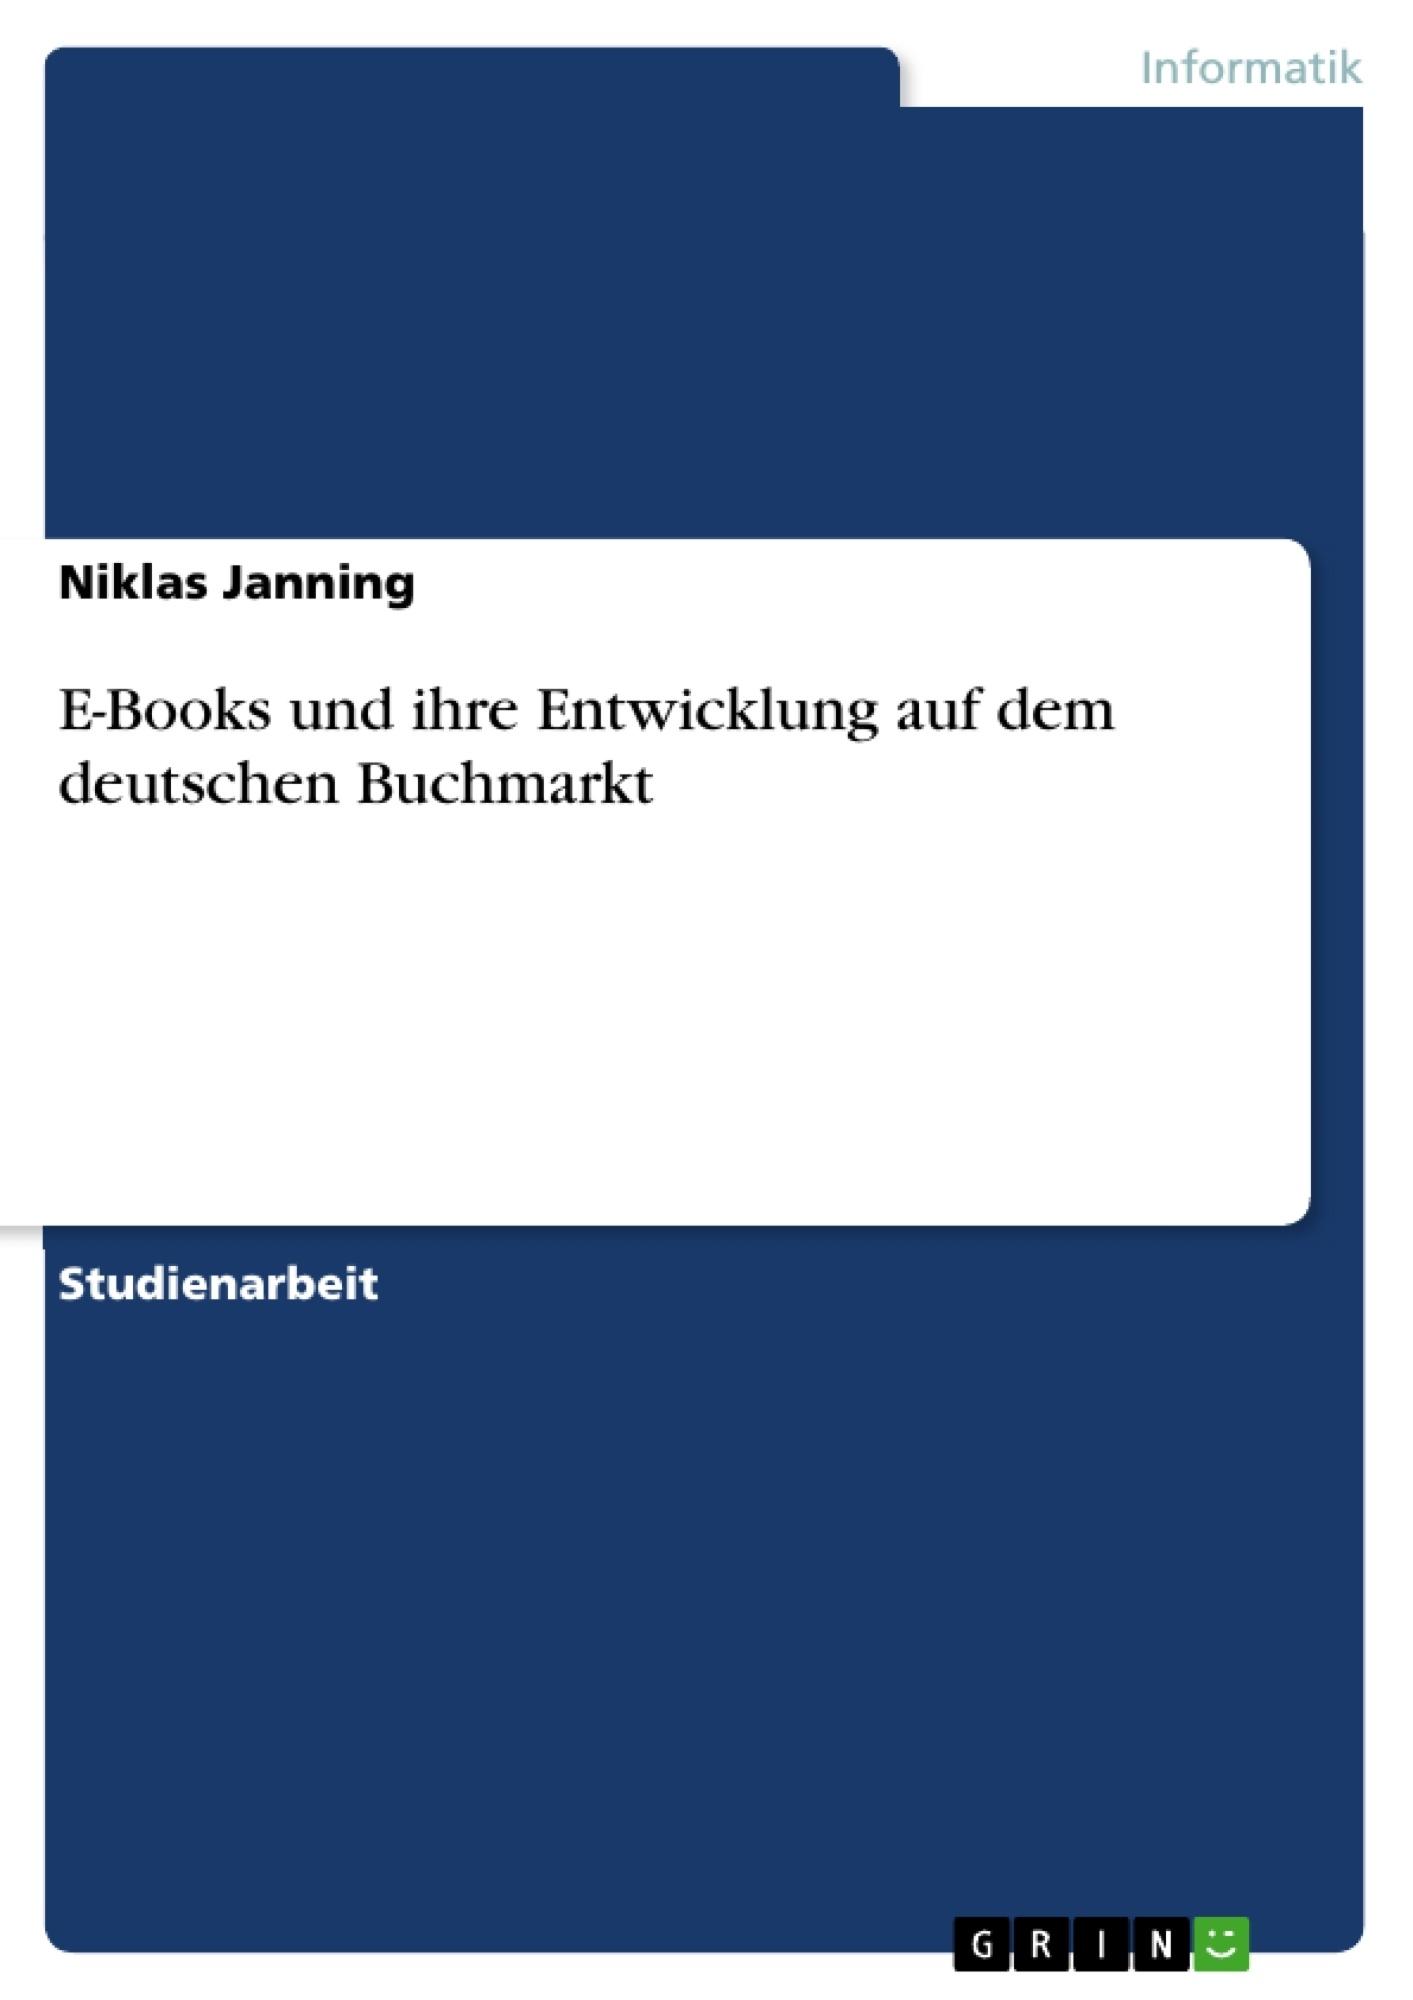 Titel: E-Books und ihre Entwicklung auf dem deutschen Buchmarkt